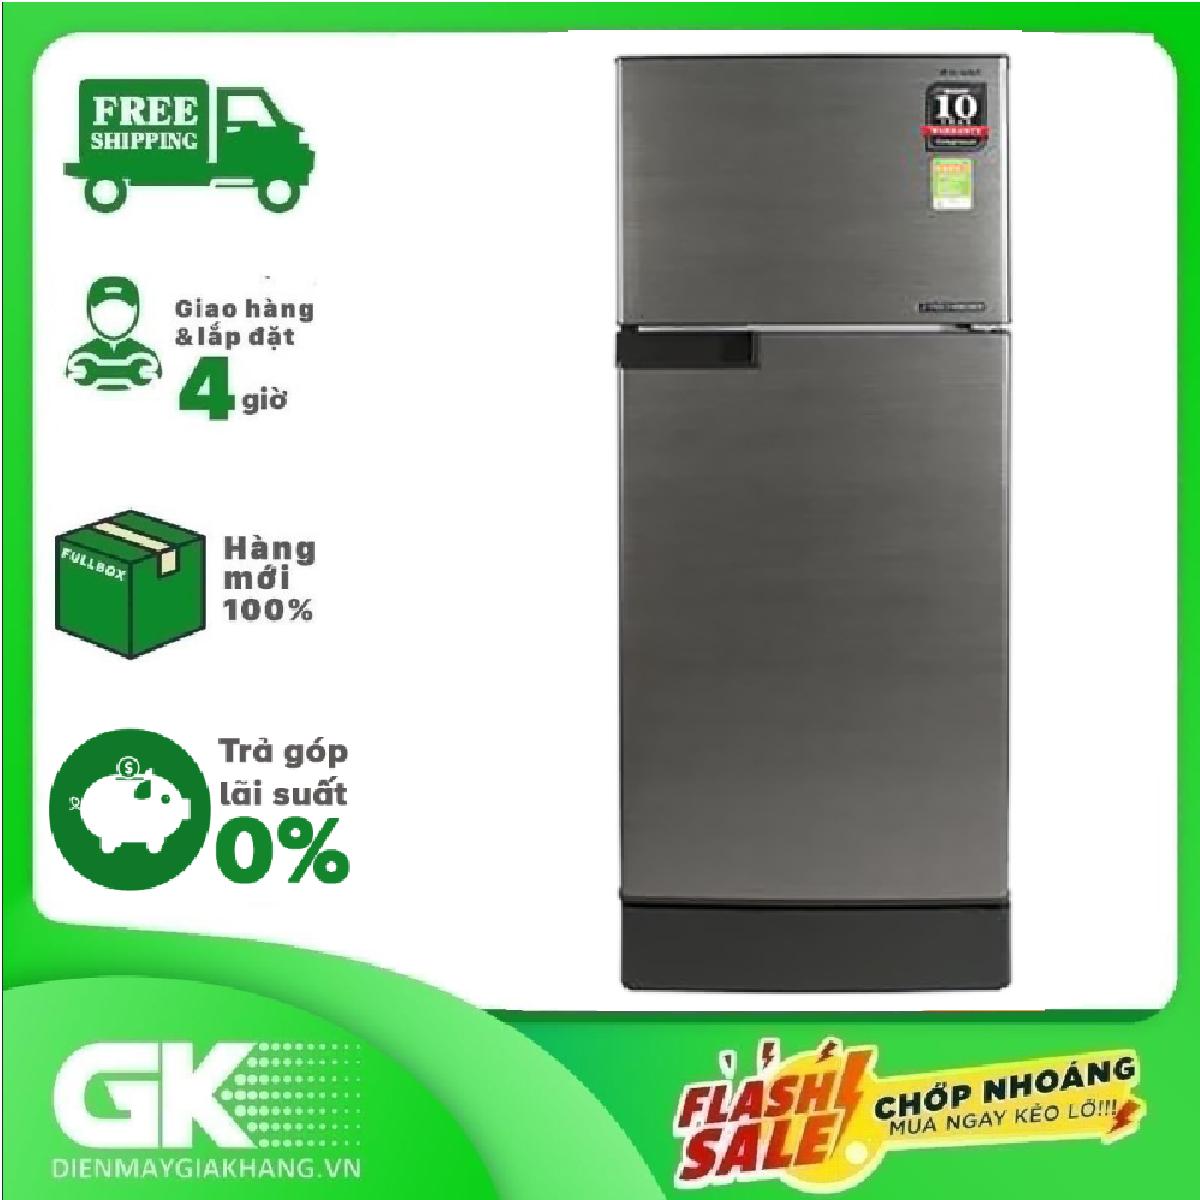 [HCM][GIAO HÀNG 2 – 15 NGÀY TRỄ NHẤT 30.08] TRẢ GÓP 0% – Tủ lạnh Sharp Inverter 165 lít SJ-X196E-DSS- Bảo hành 12 tháng